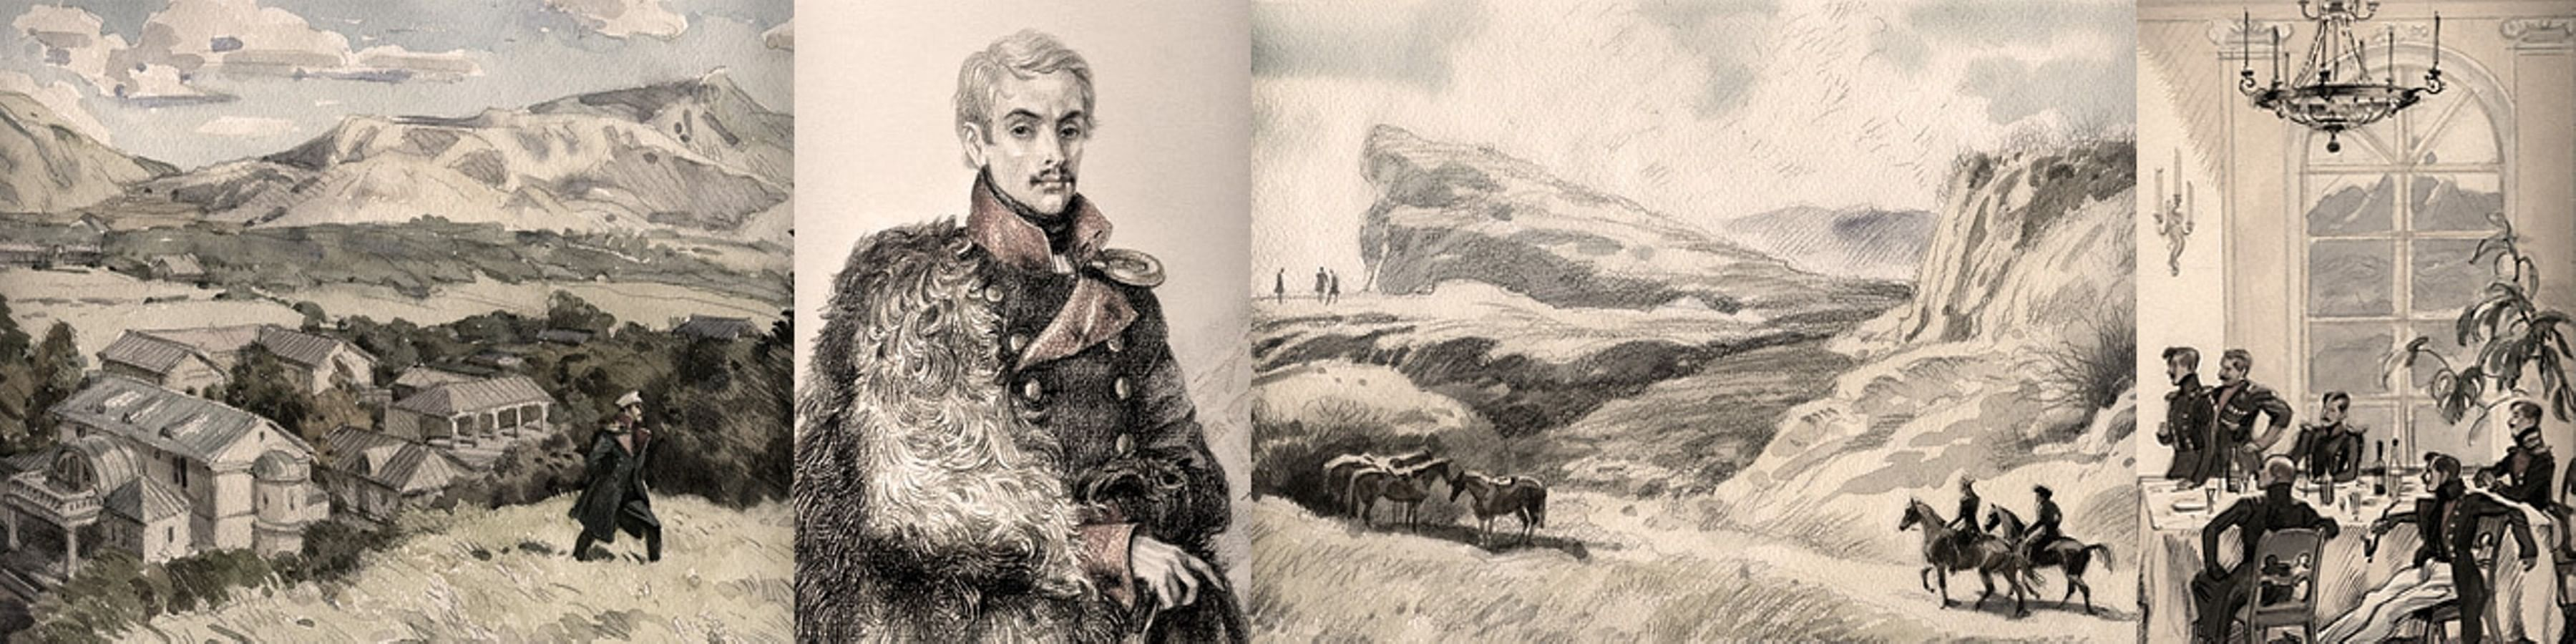 Иллюстрации к роману «Герой нашего времени»